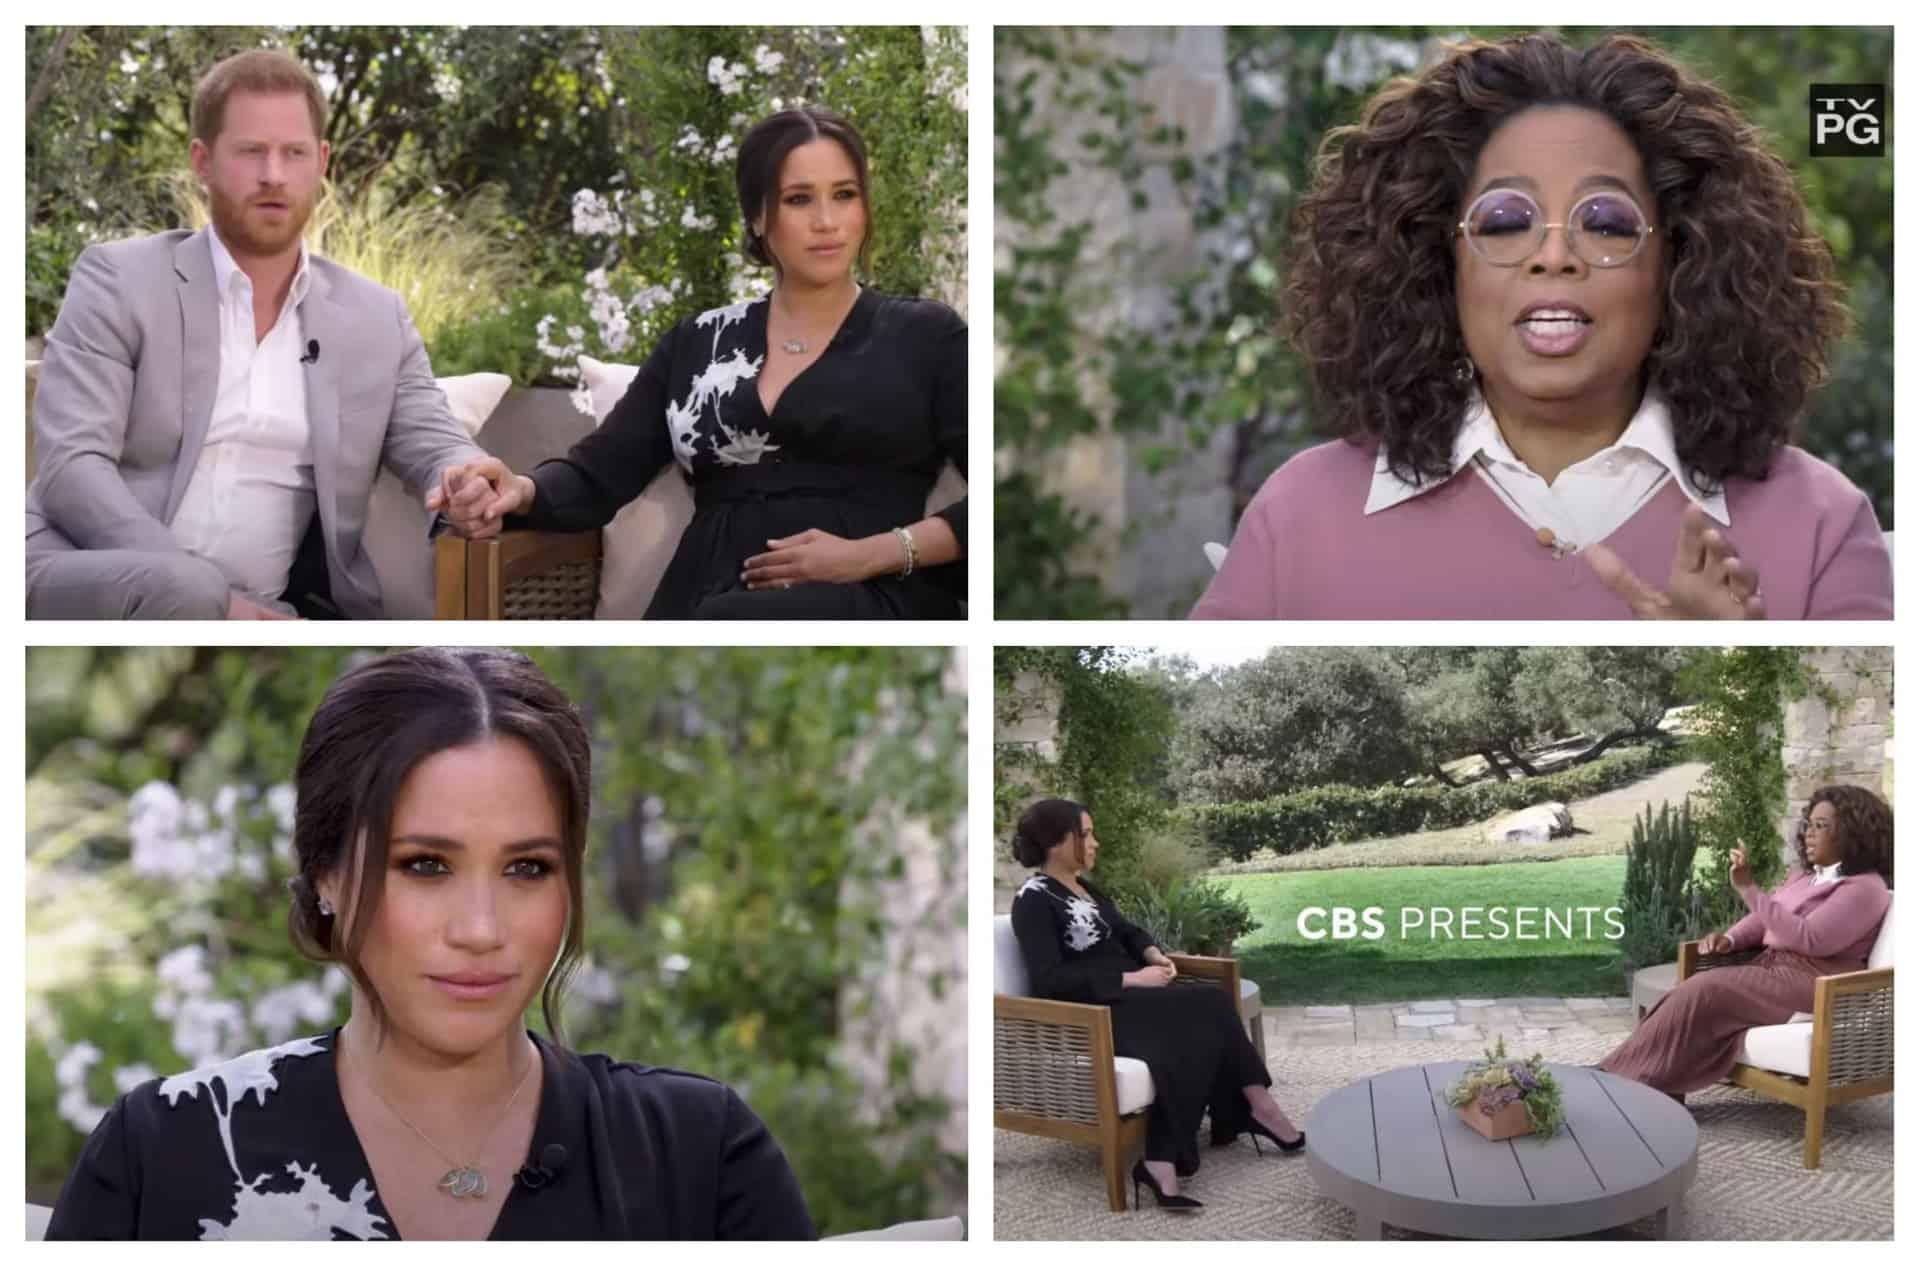 Oprah intervista Harry e Meghan e le anticipazioni promettono rivelazioni scioccanti